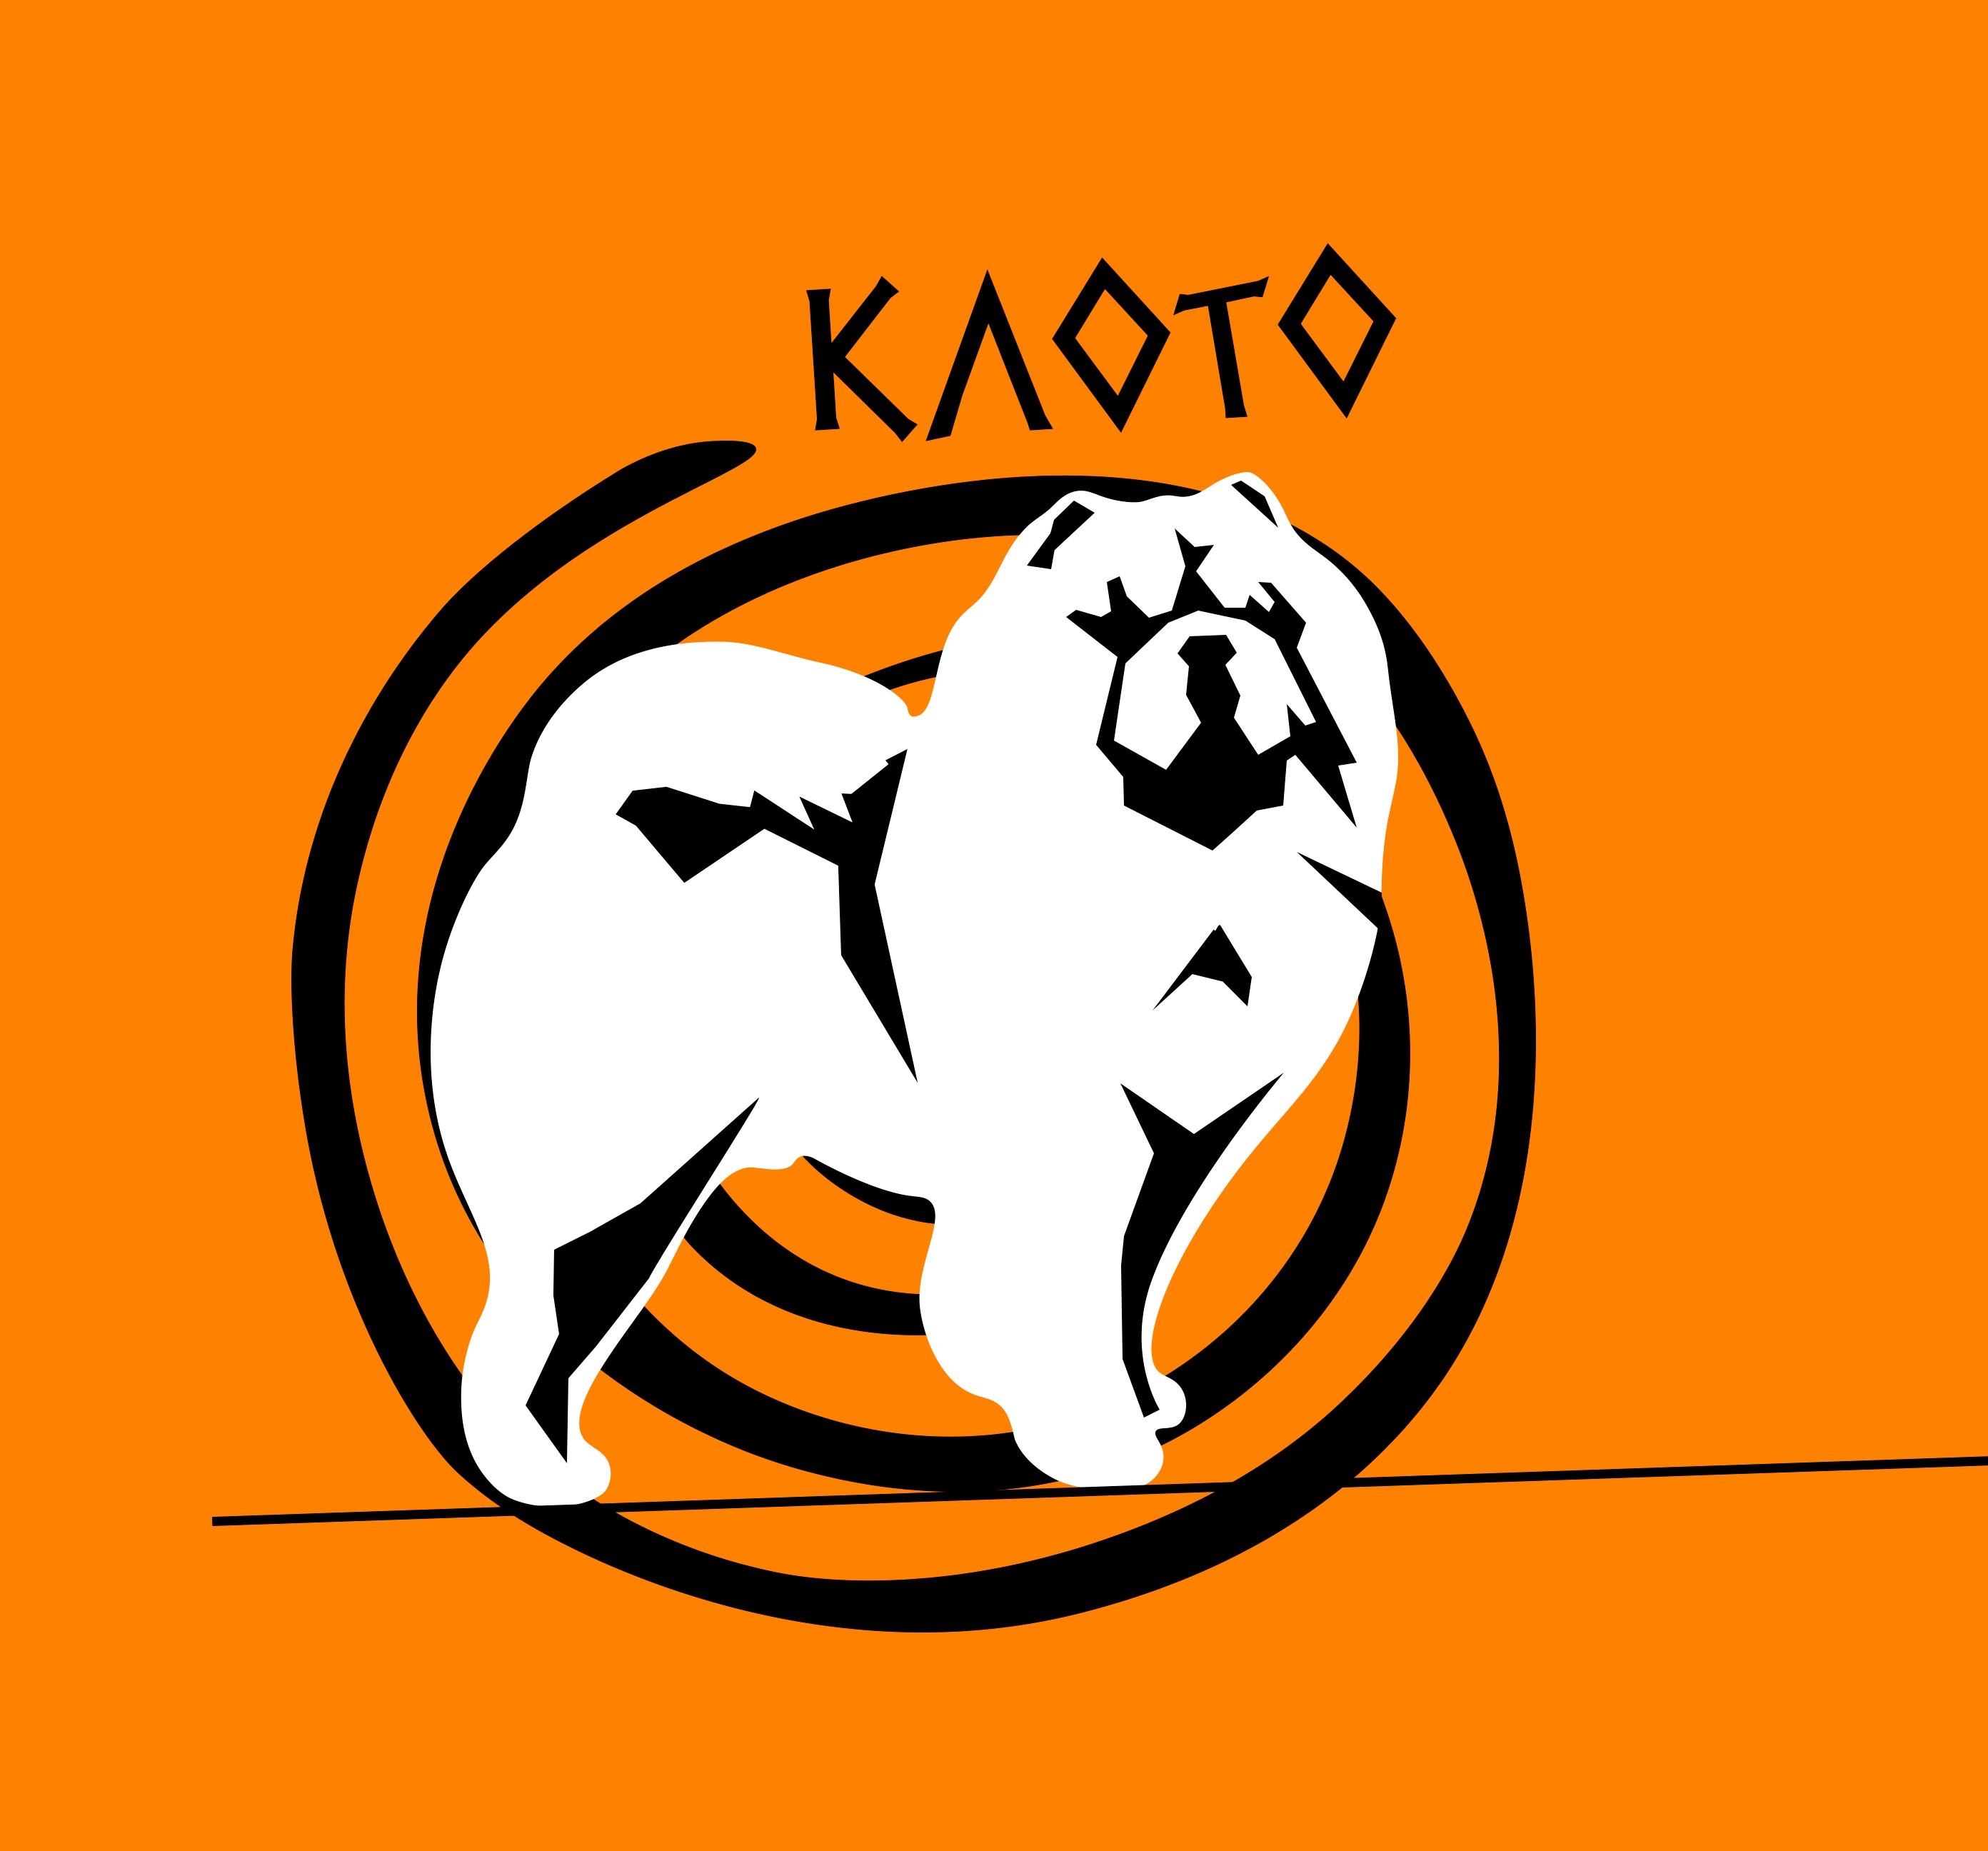 Logo_Kloto_оrange_1